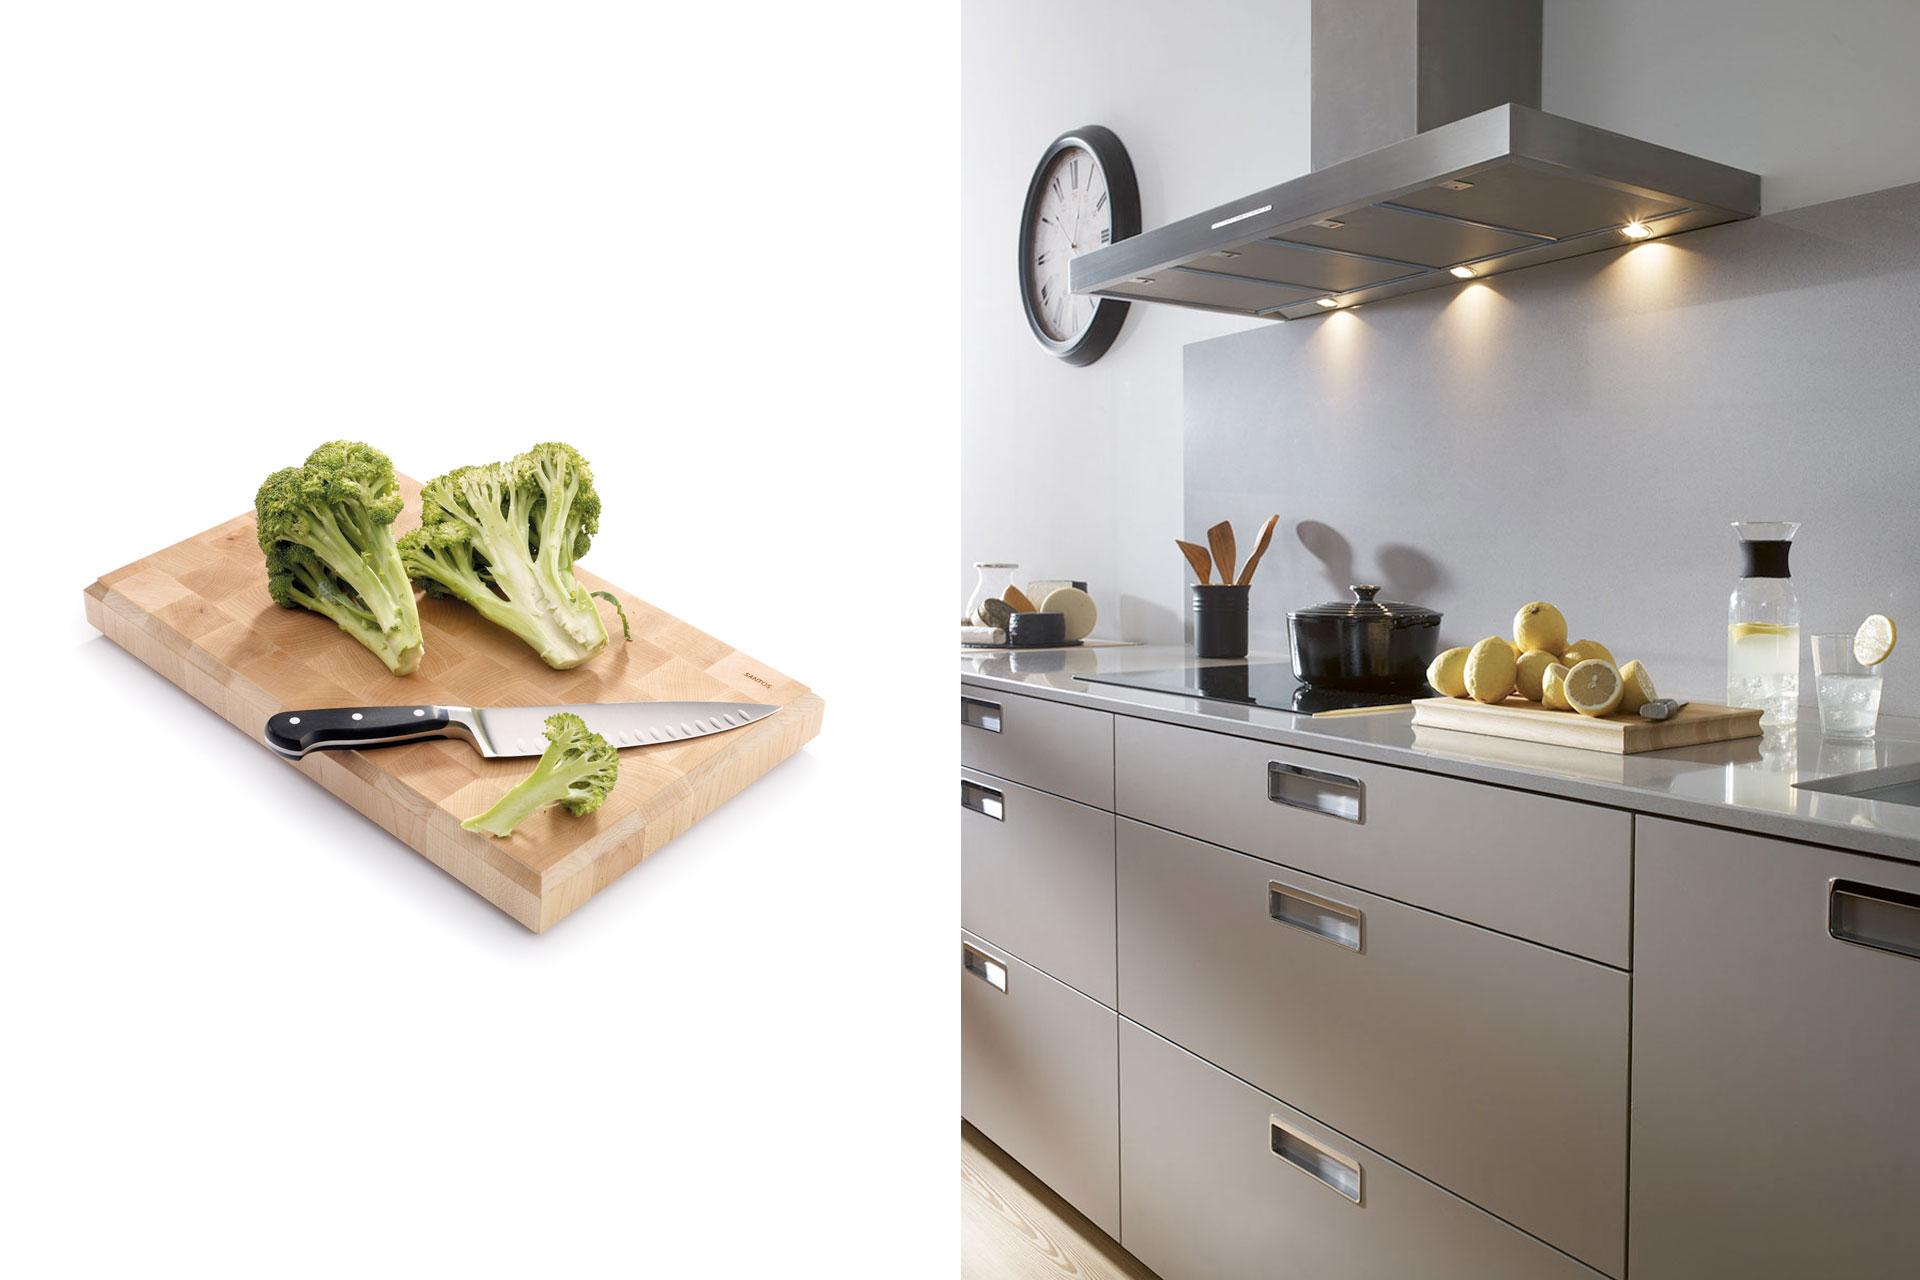 Accesorios de cocina Santos: orden y belleza | Tablas | Santiago Interiores